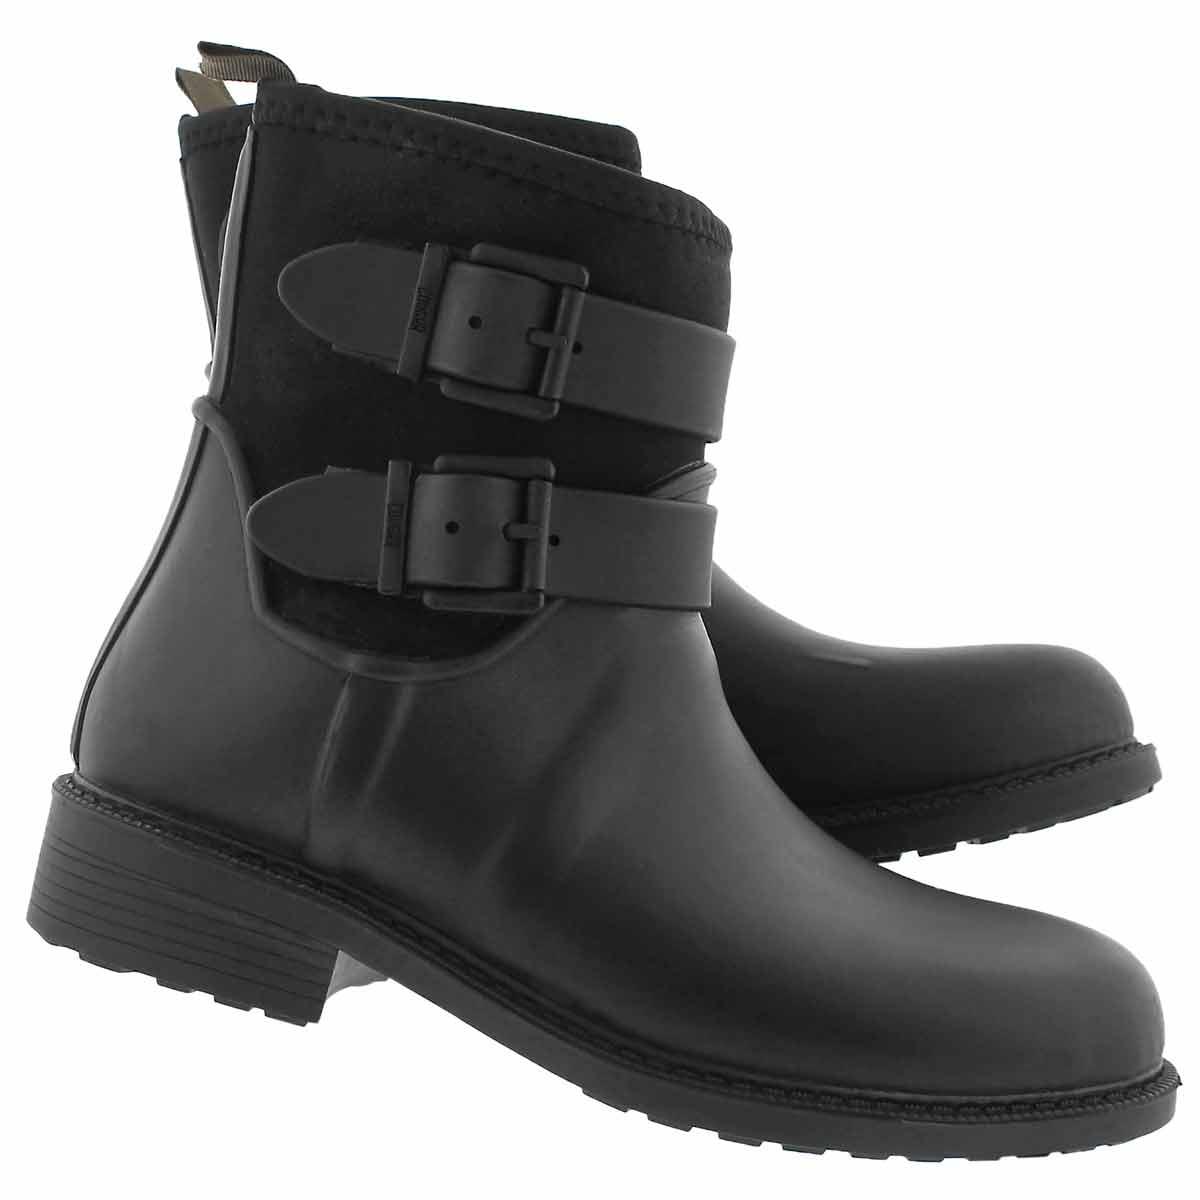 Lds Kismet blk wtpf rain boot